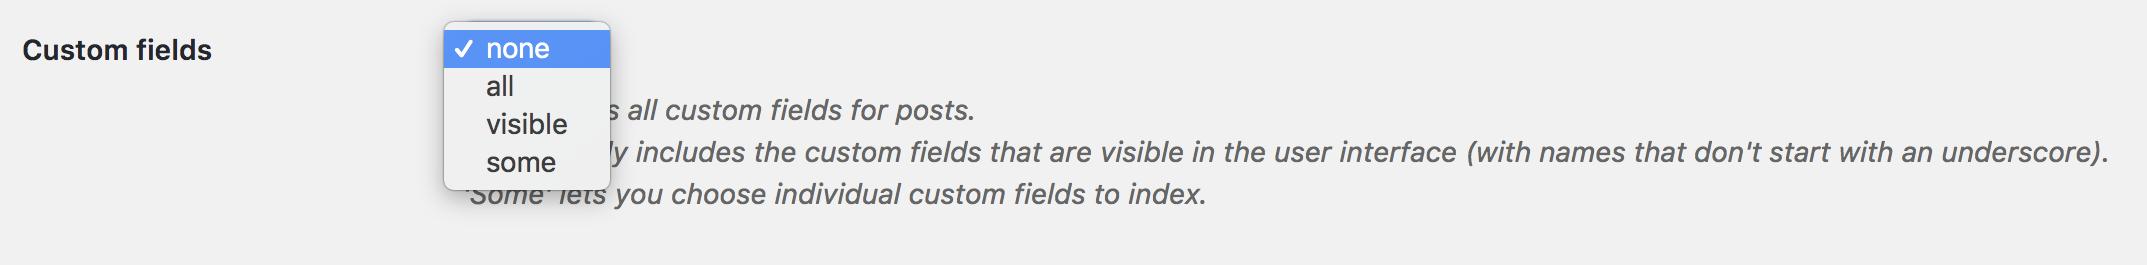 Search custom fields in WordPress